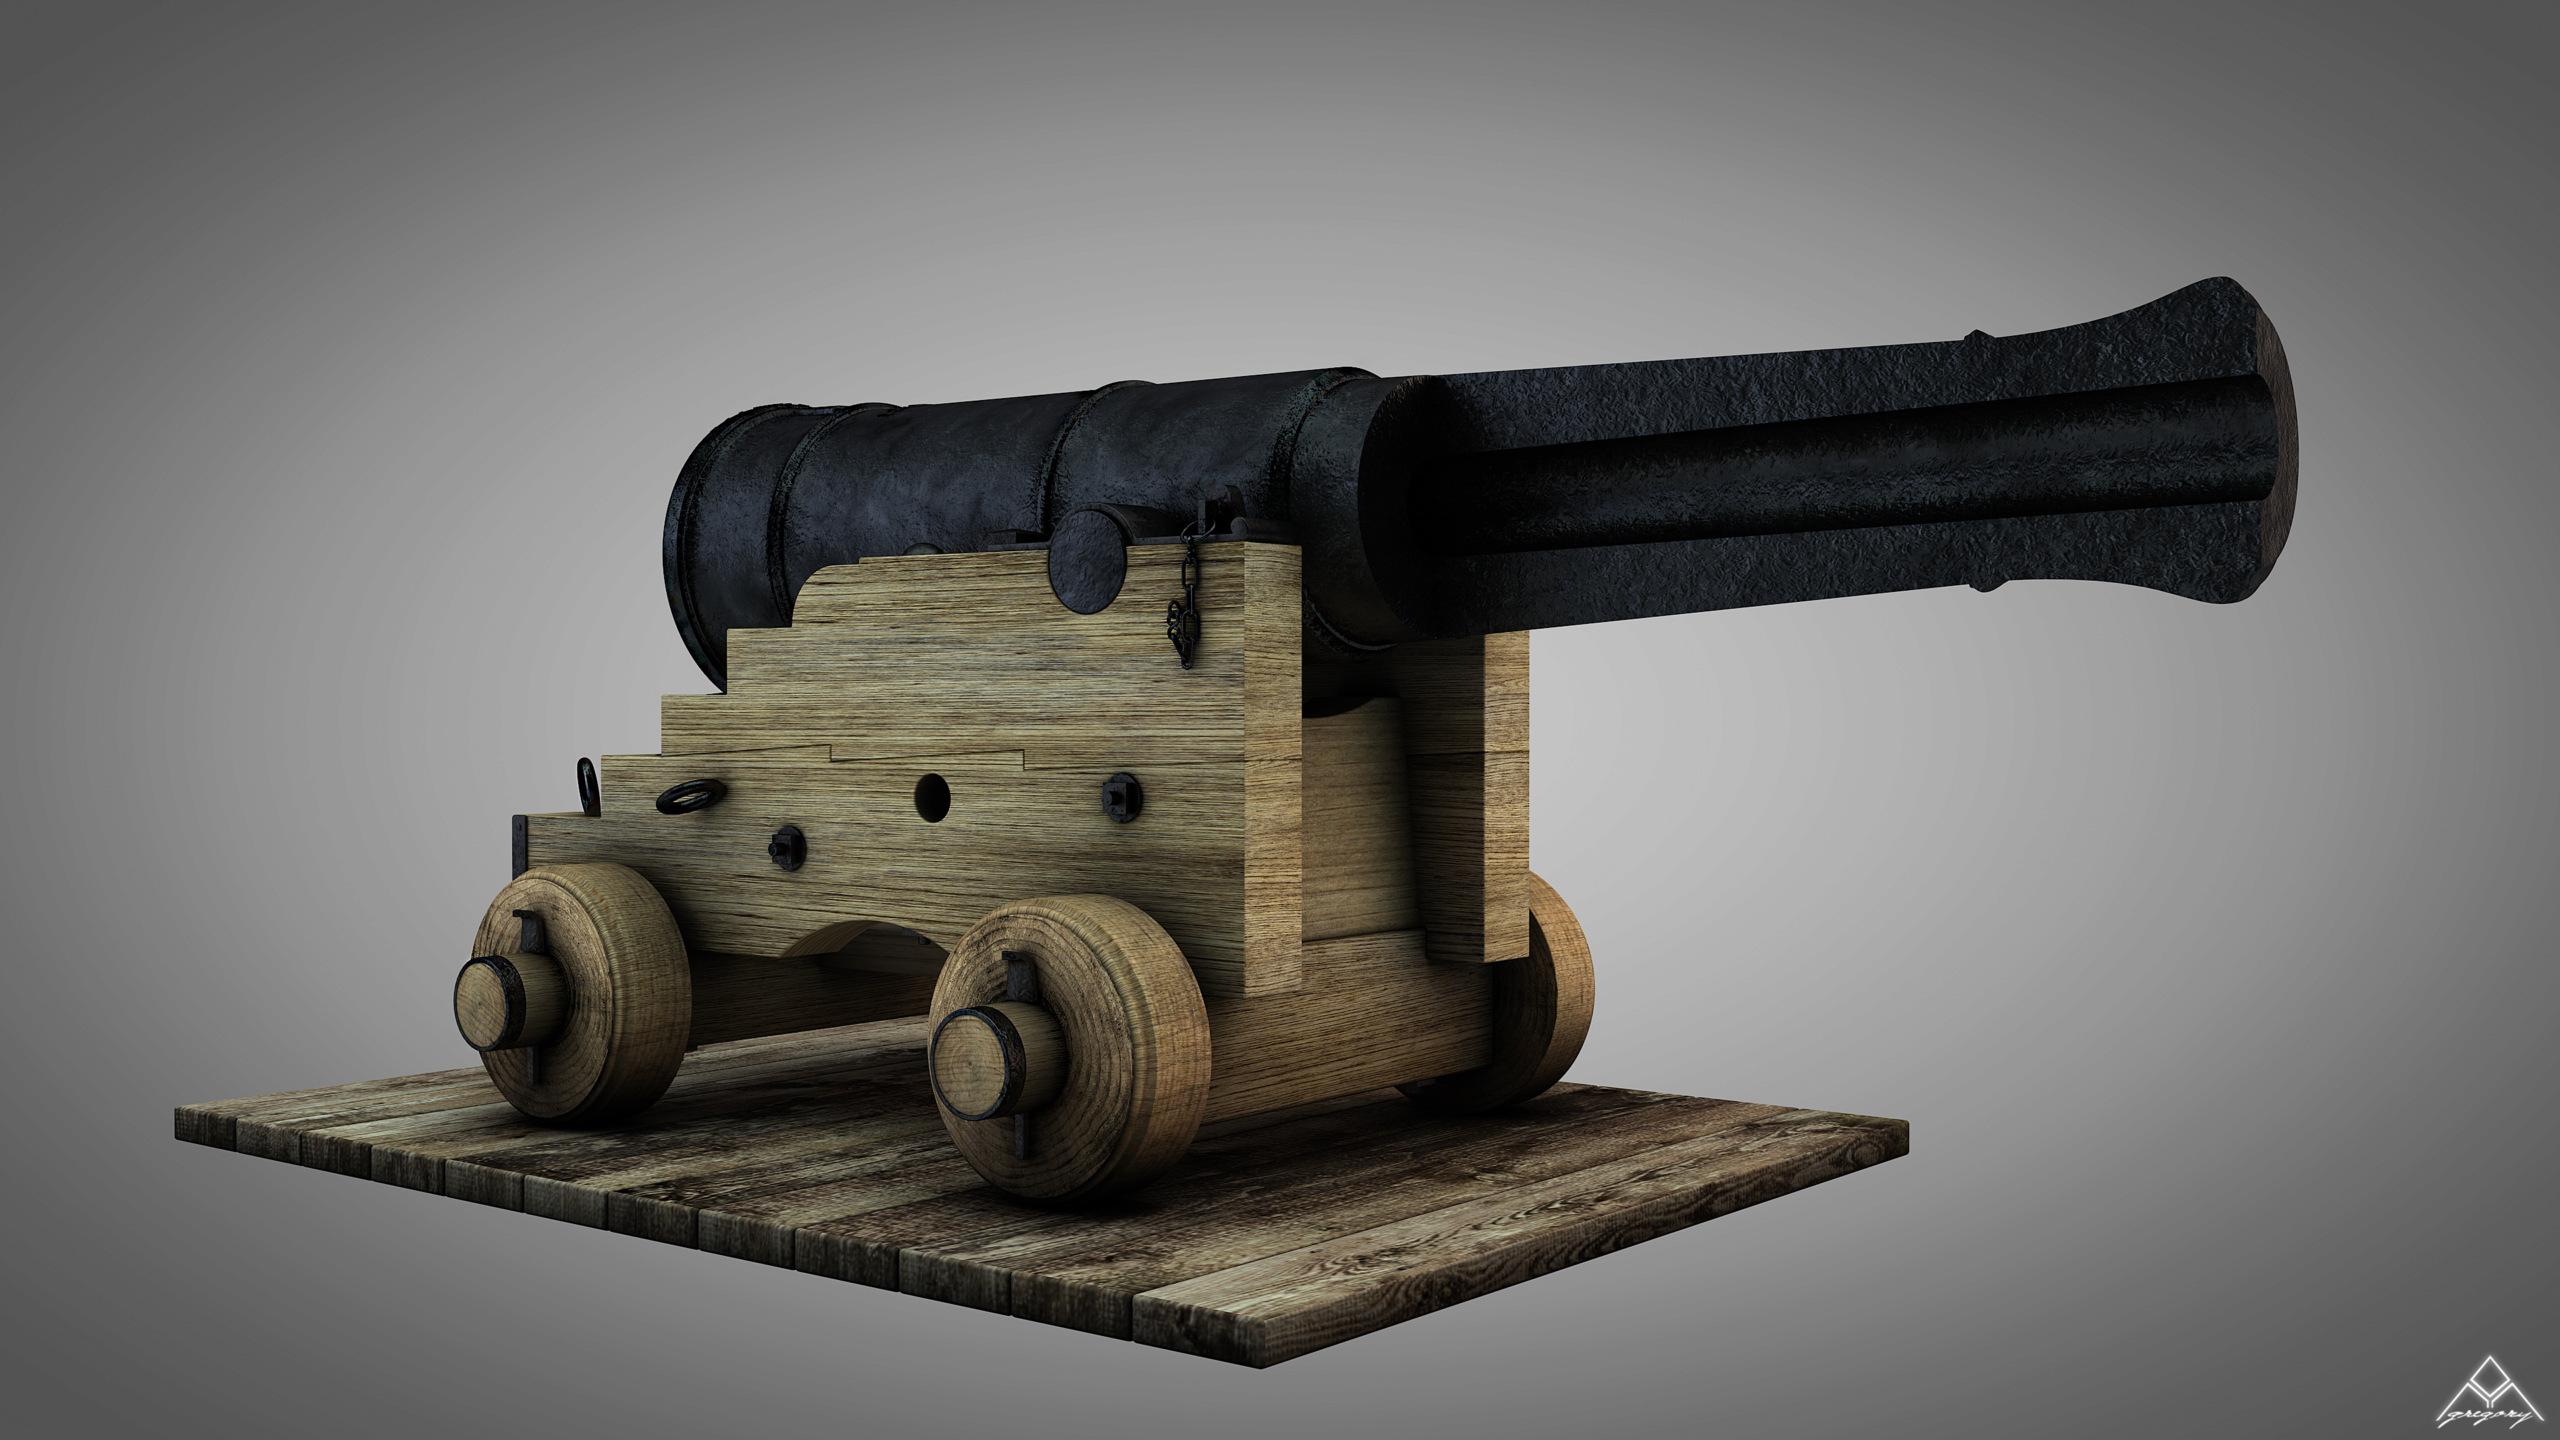 Canons de vaisseau 74 canons (Création 3D) par Greg_3D - Page 4 Canon_48